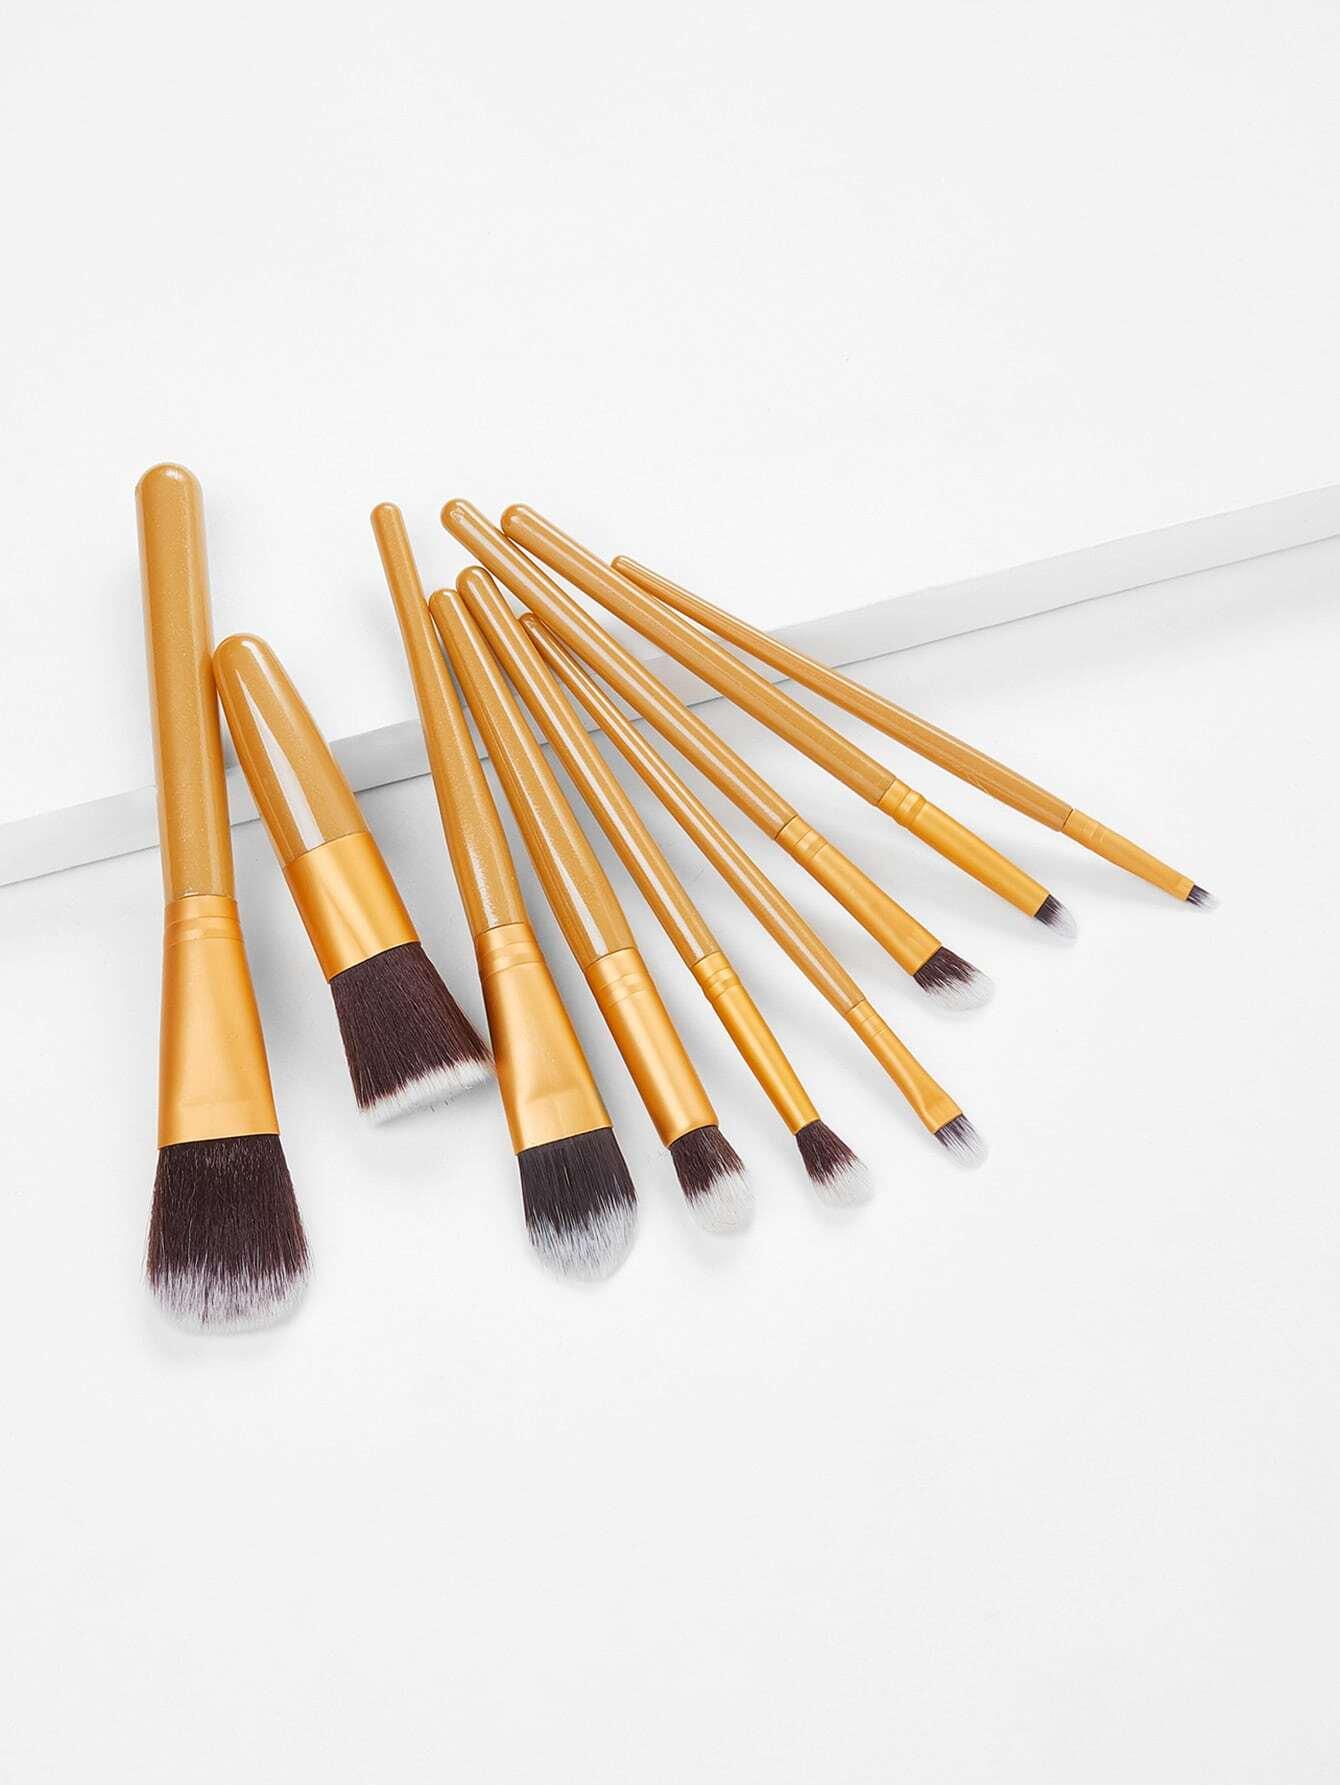 9pcs Professional Makeup Brush Set